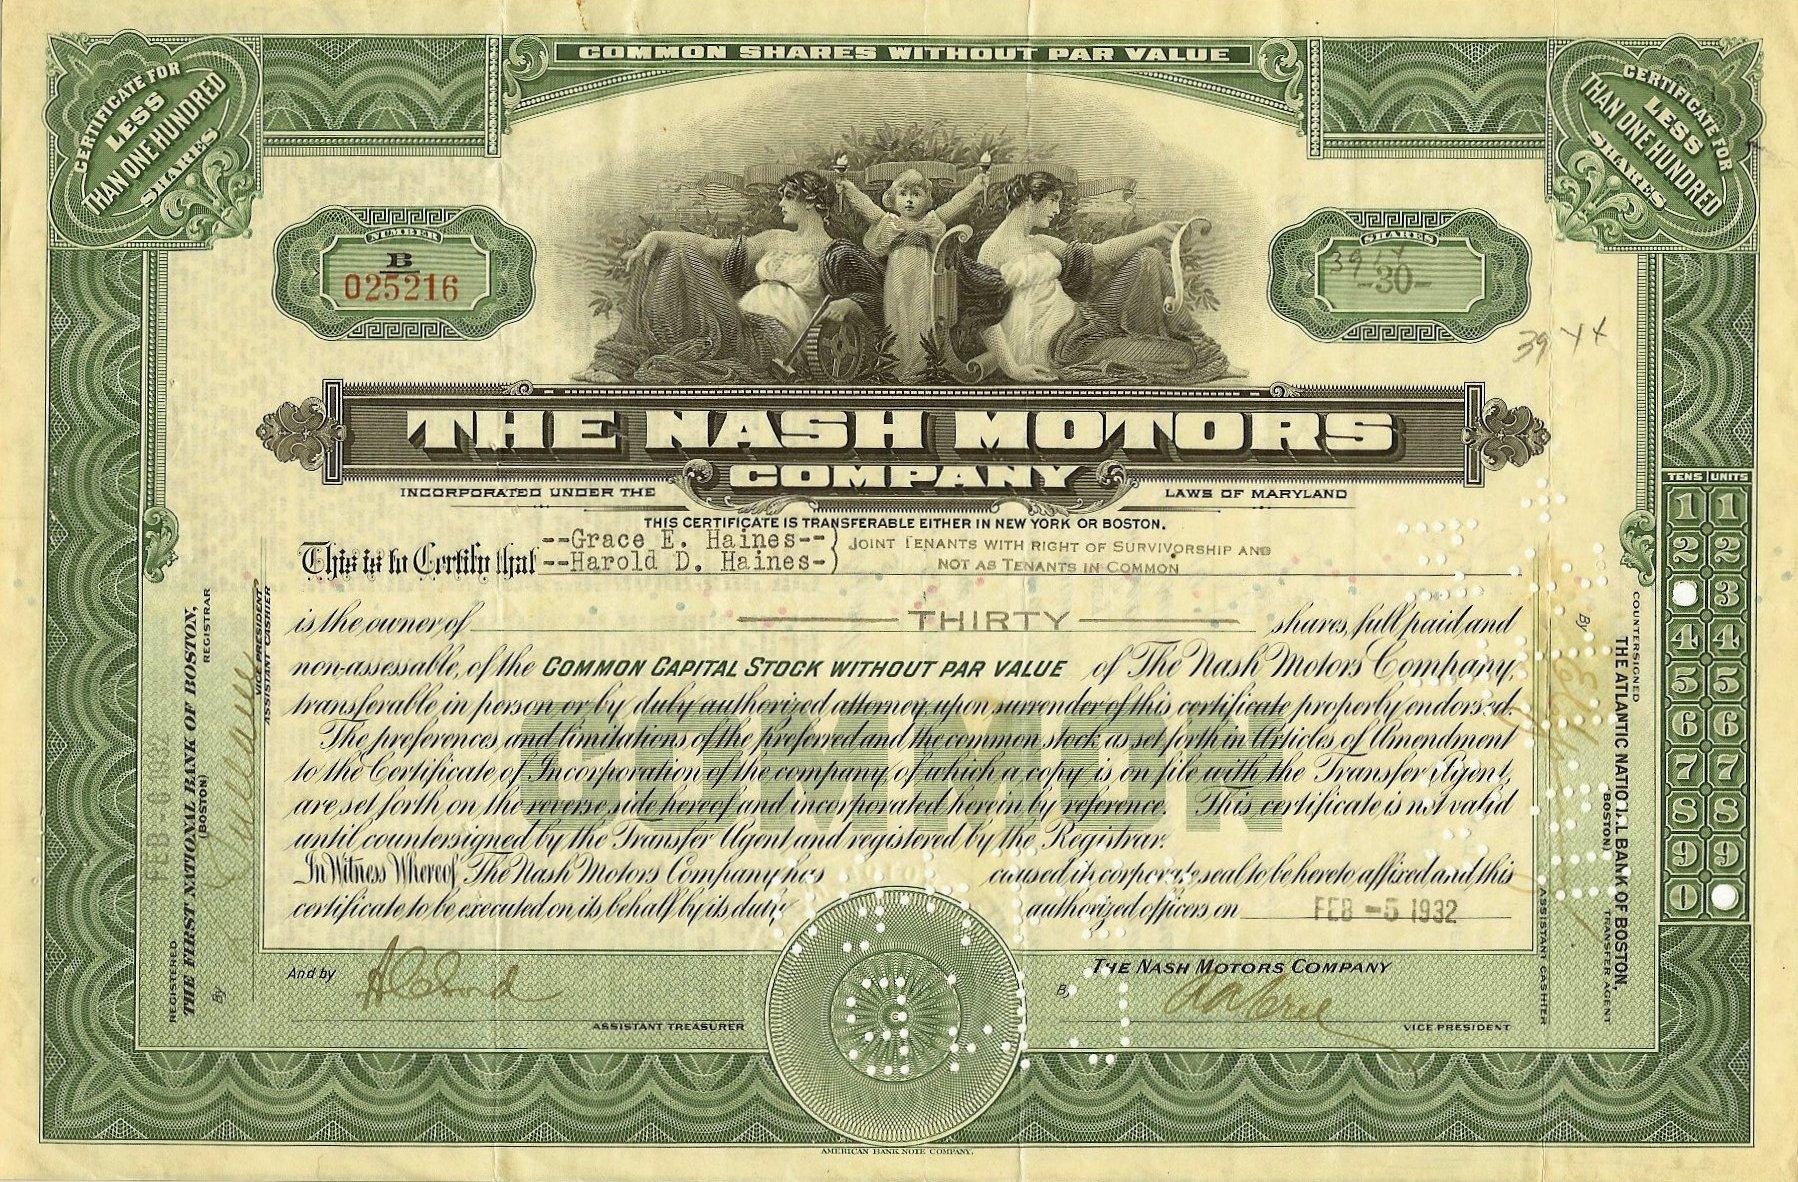 Nash Motors Company (32) Shares of Stock Feb 5, 1932 12″x8″